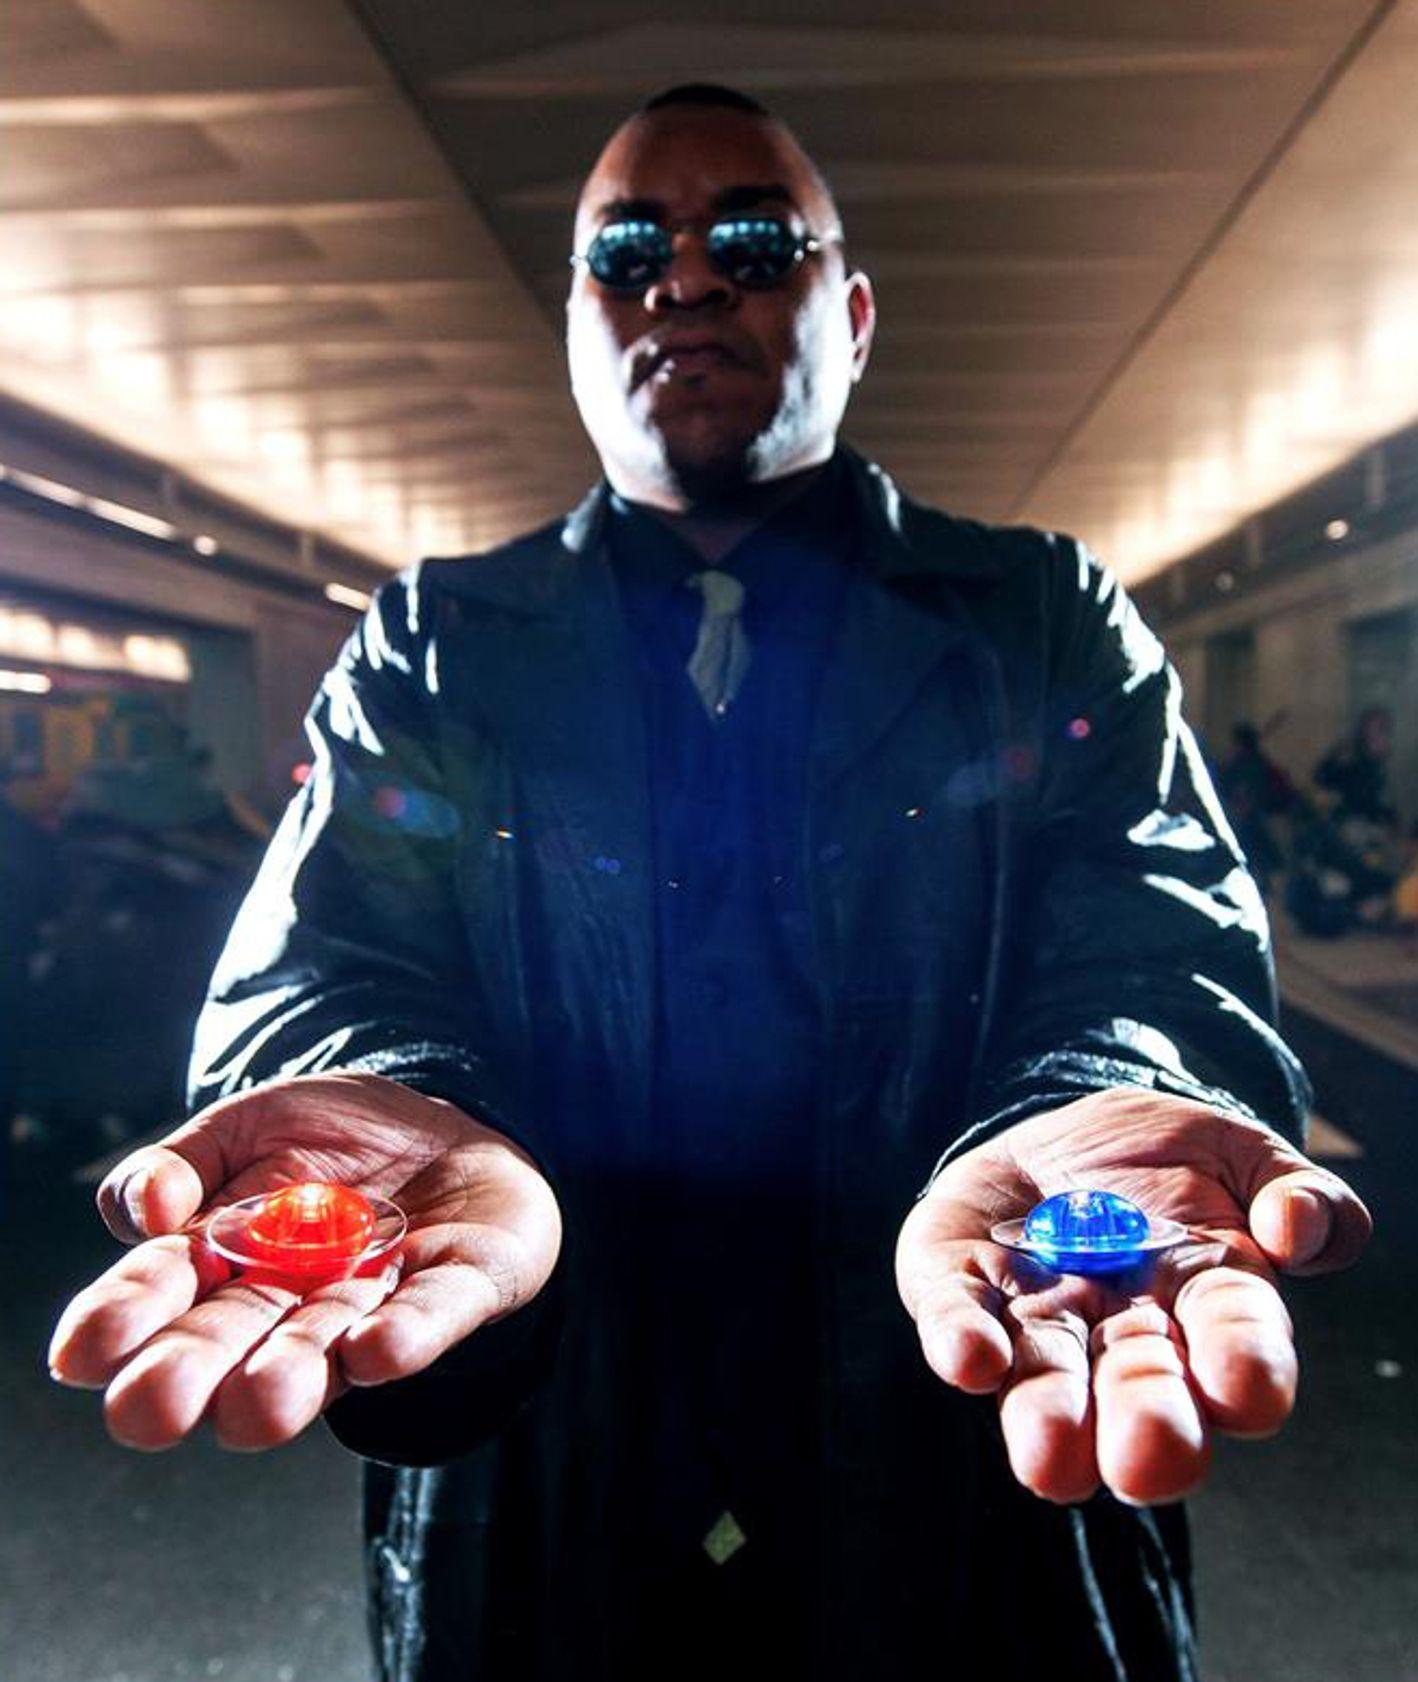 Kadr z filmu Matrix – Morfeusz z dwoma pigułkami – niebieską i czerwoną – w dłoni (fot. materiały prasowe)